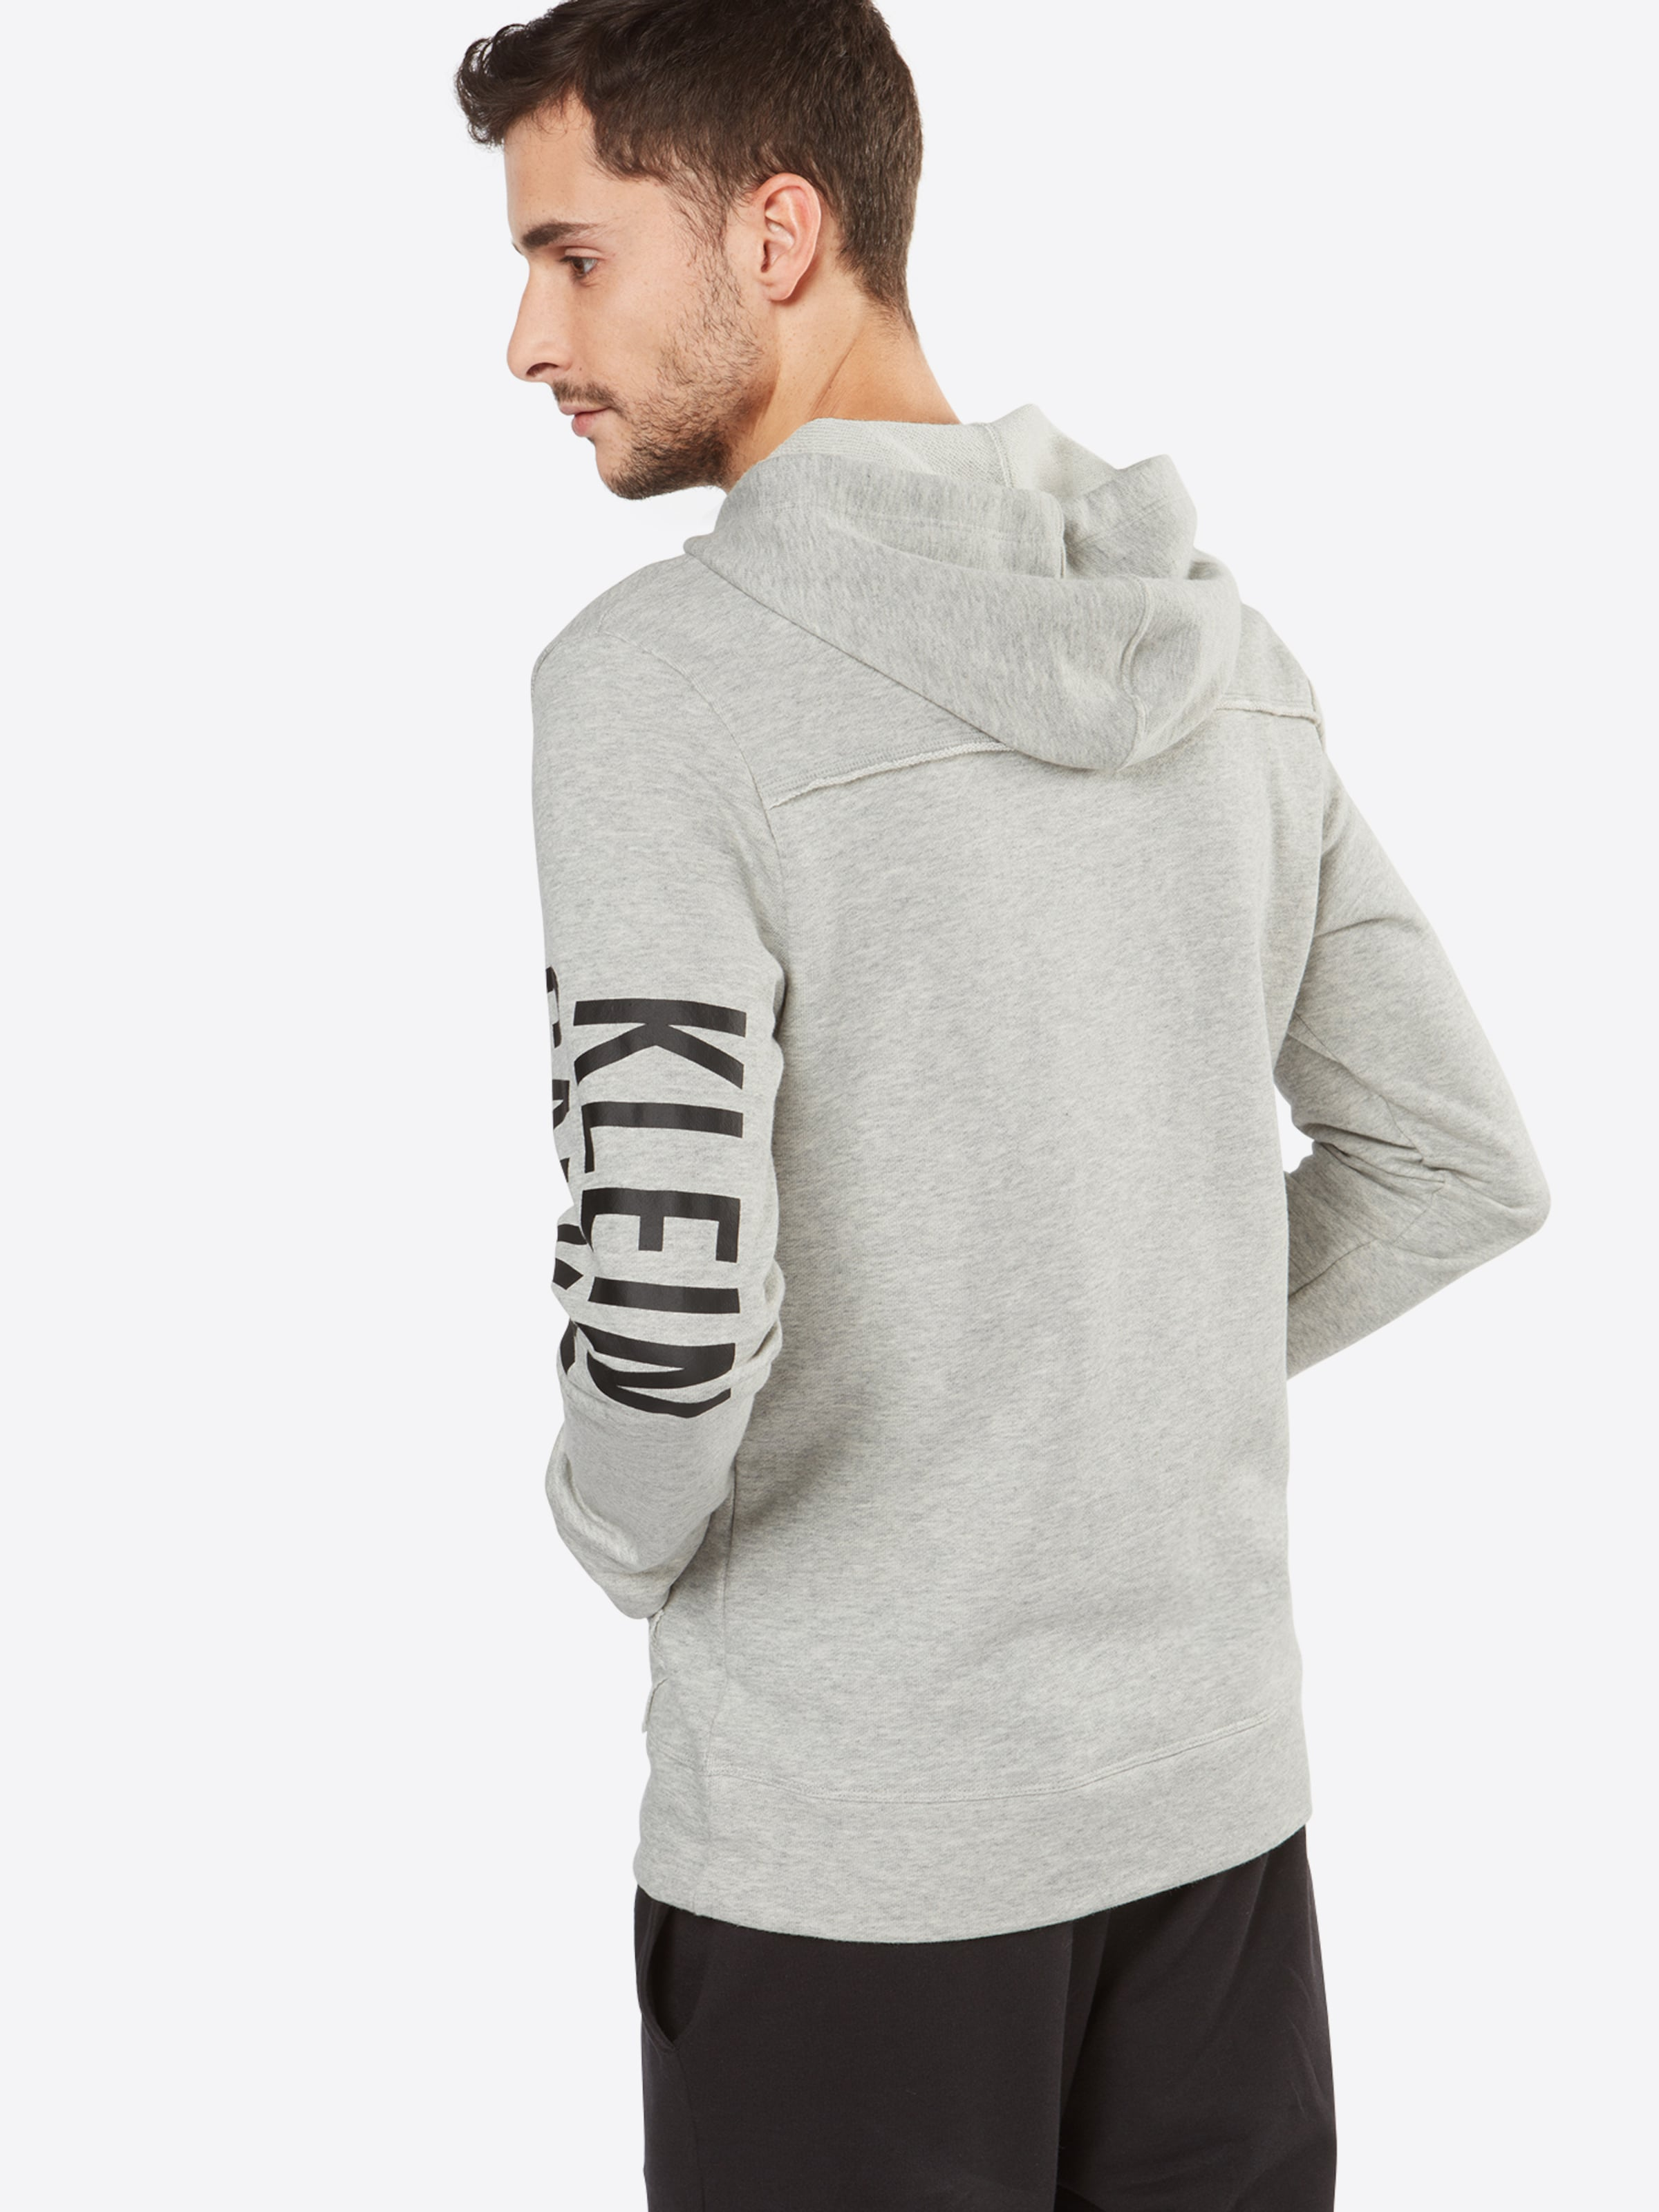 Calvin Klein underwear Sweatshirt mit Kapuze Freies Verschiffen Ebay E3y8wq